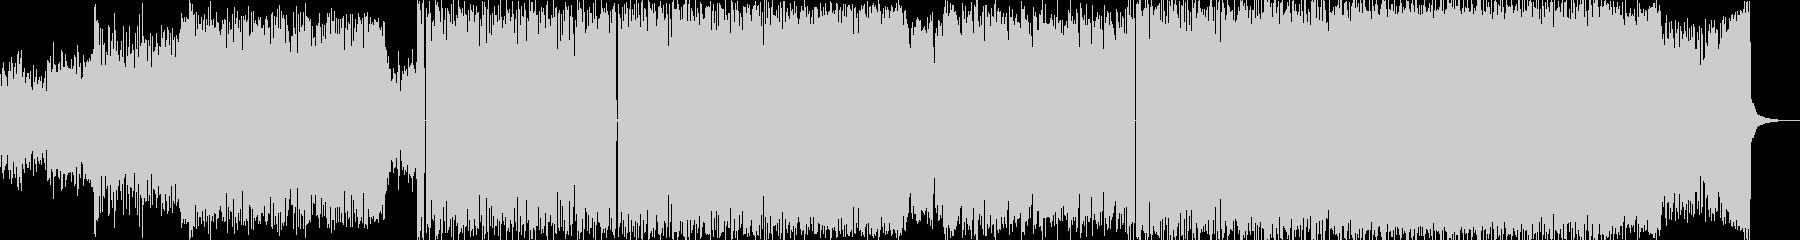 軽快なビートと重低音ベースリフの未再生の波形